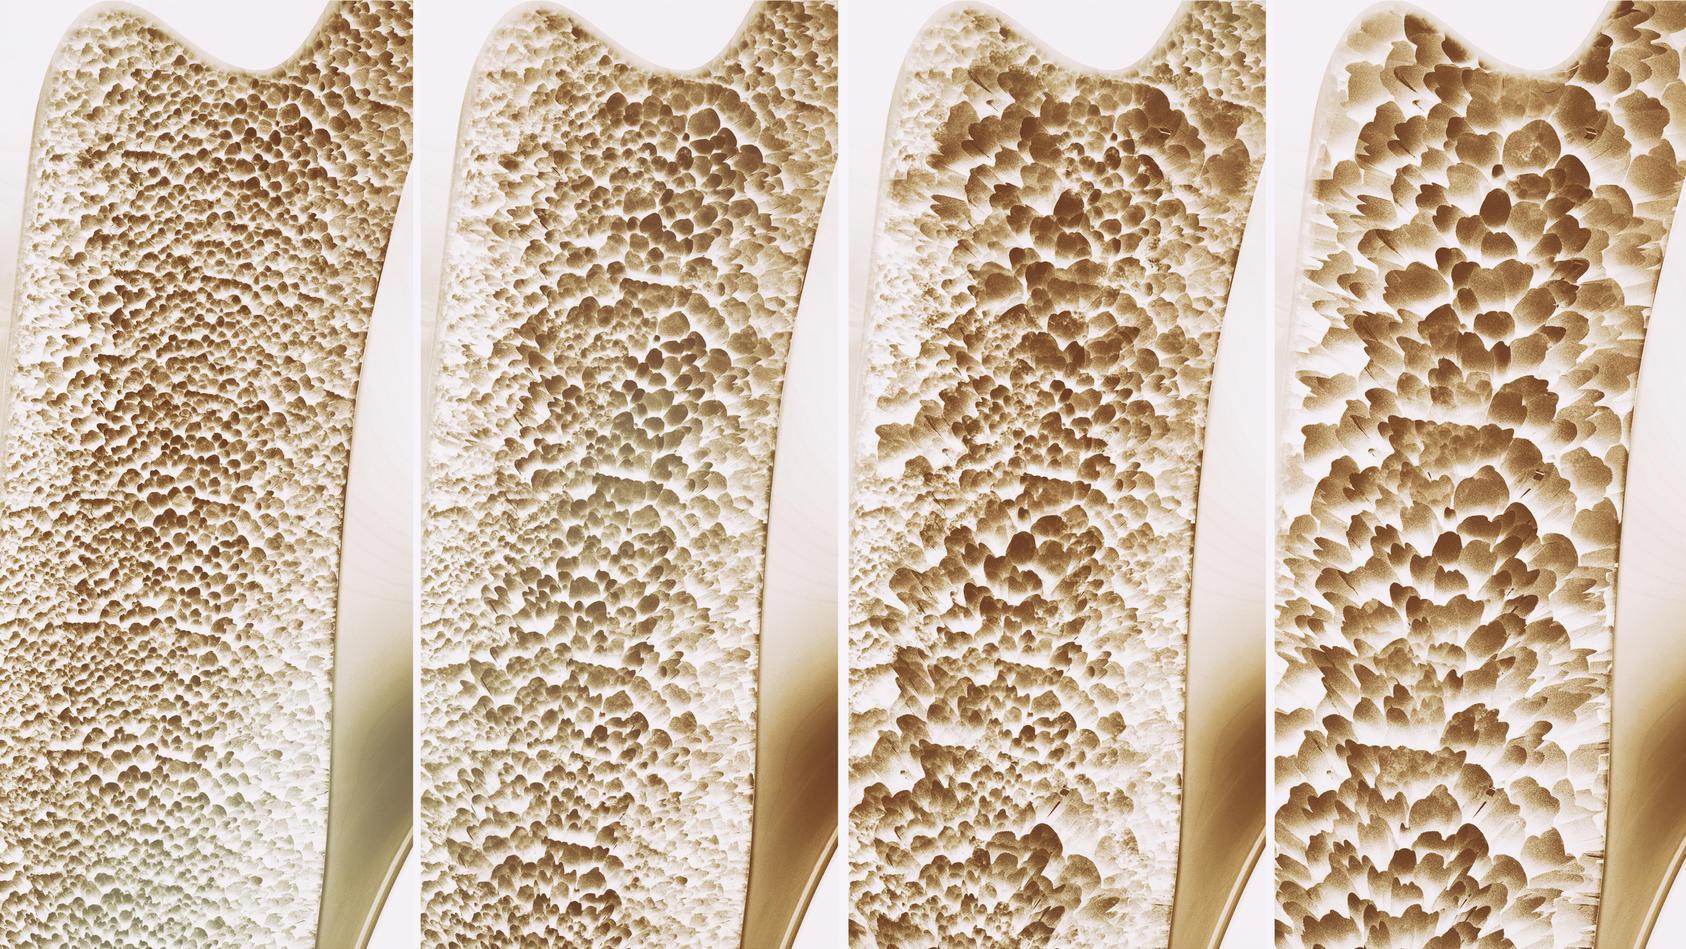 Als Osteoporose bezeichnet man eine Erkrankung des Skeletts, bei der die Knochendichte kontinuierlich abnimmt.